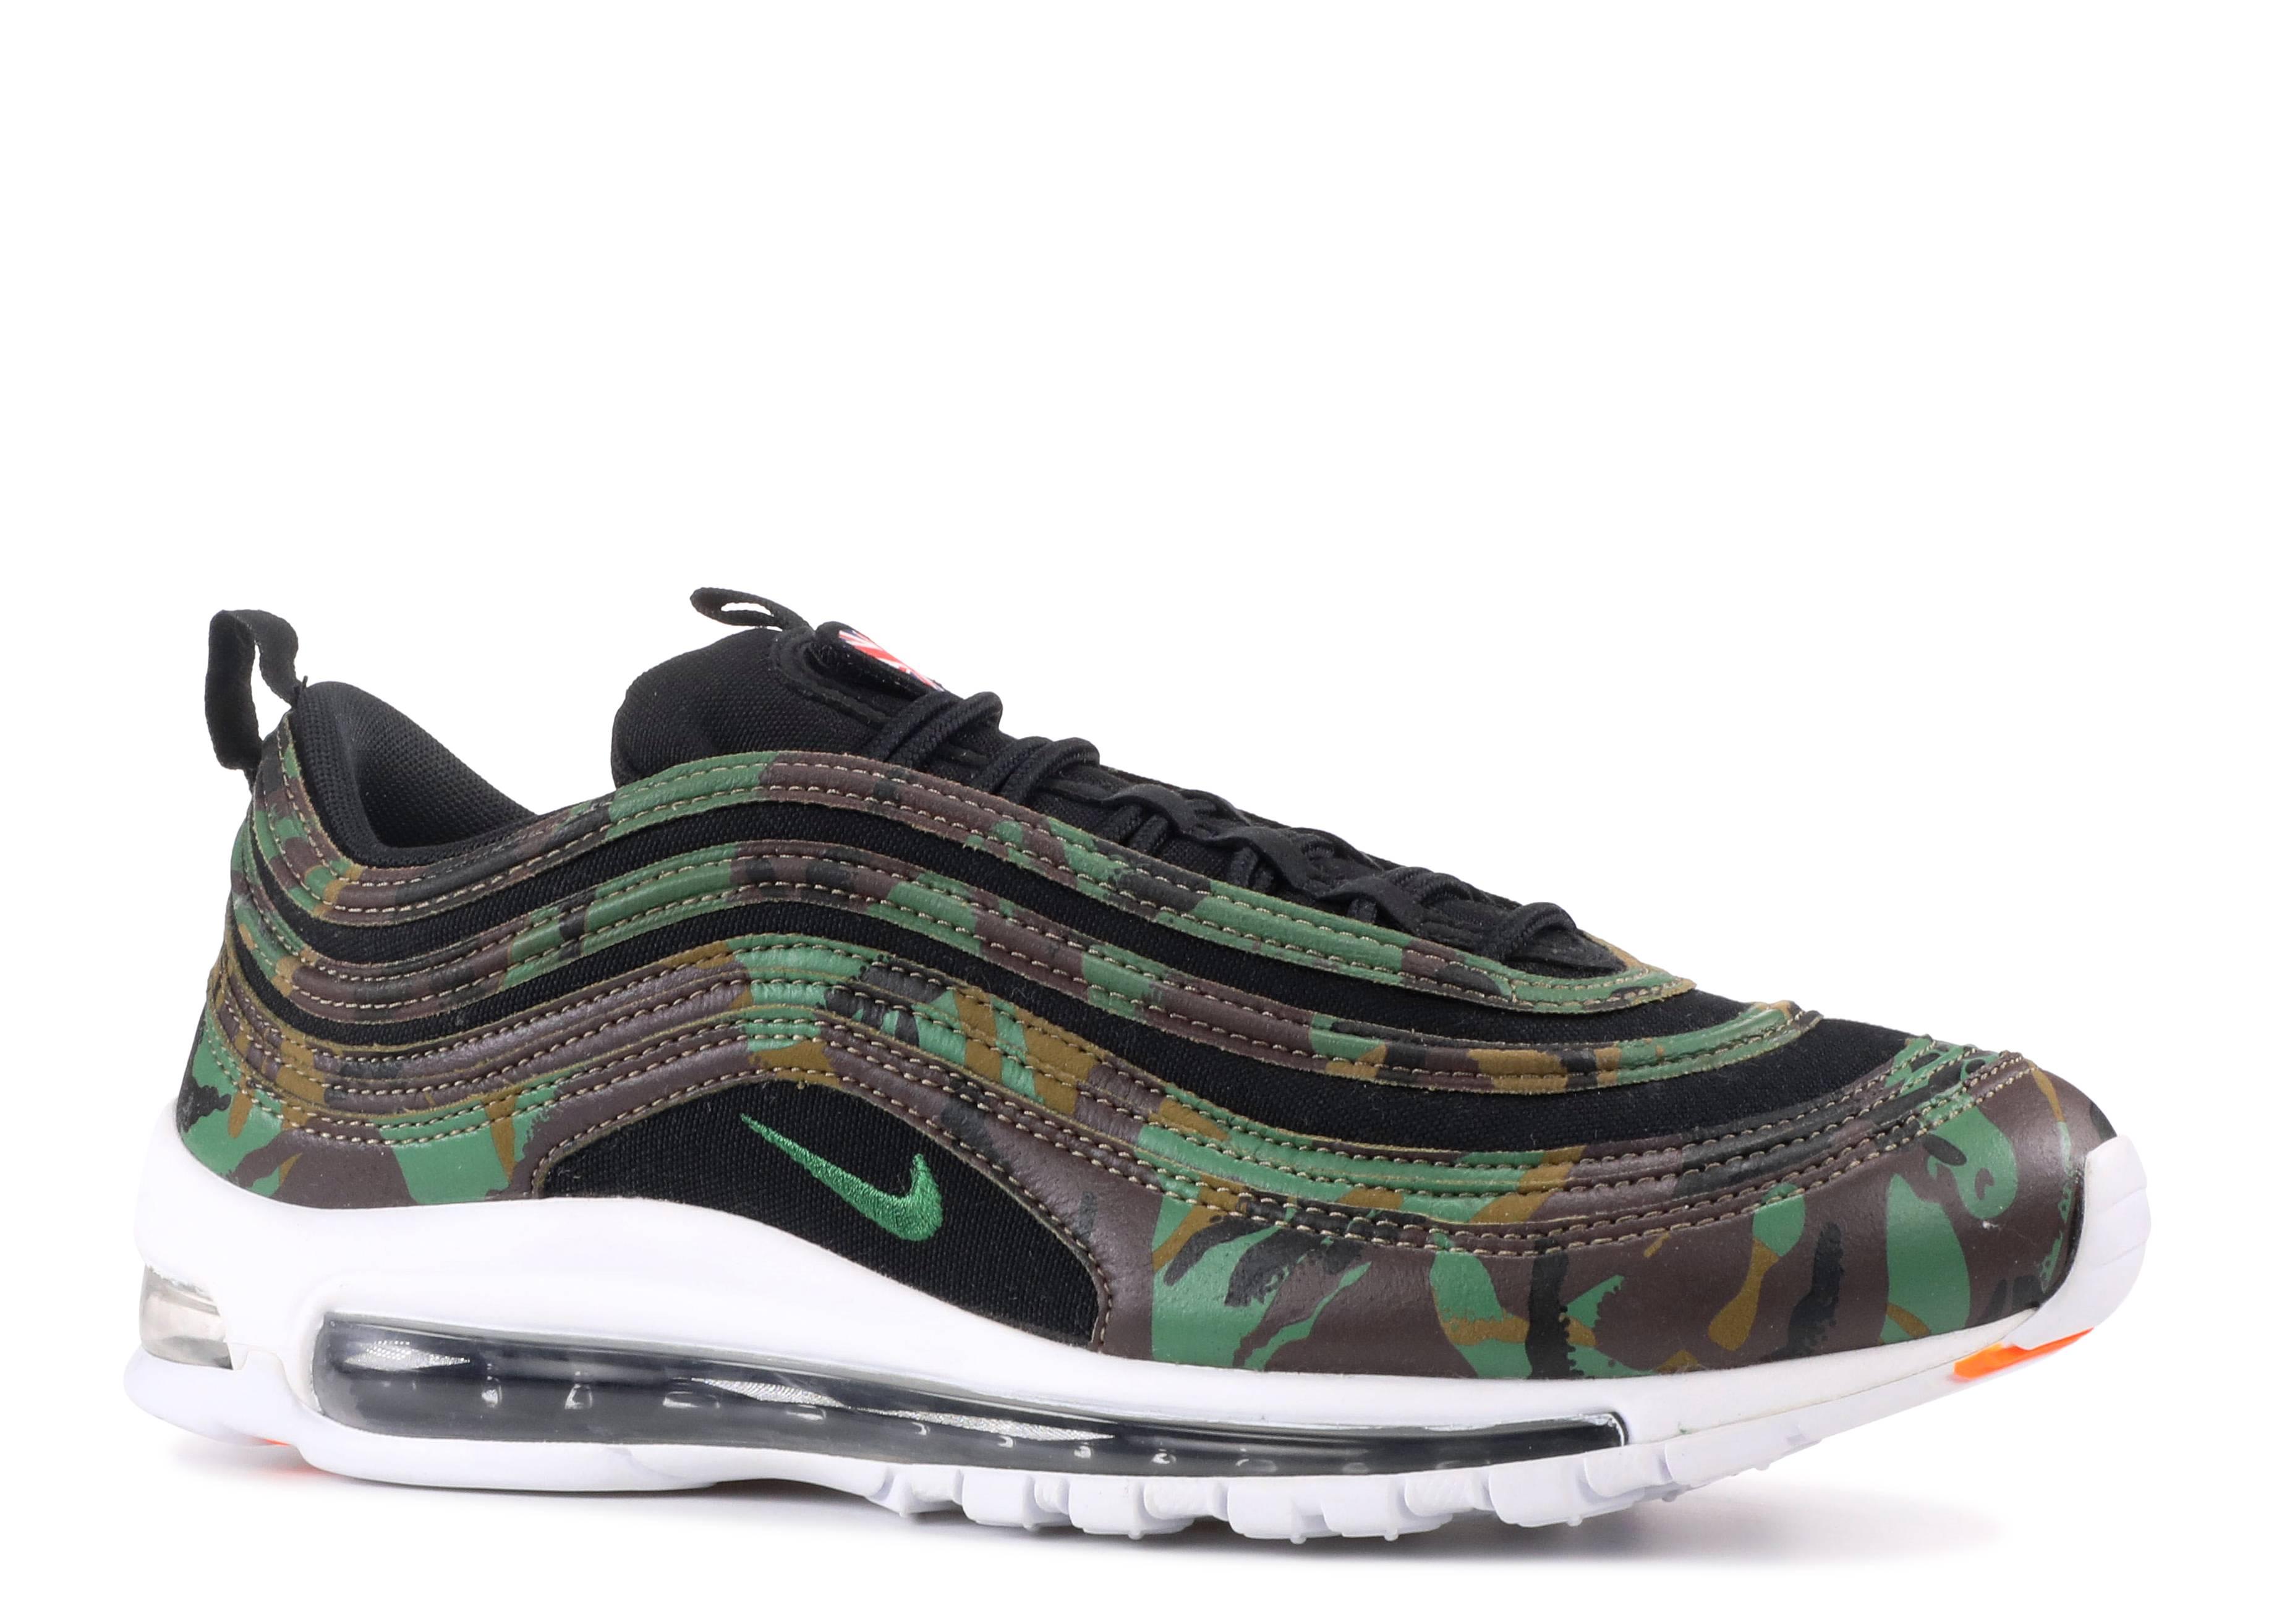 9e46570b08f7 Nike Air Max 97 Premium Qs